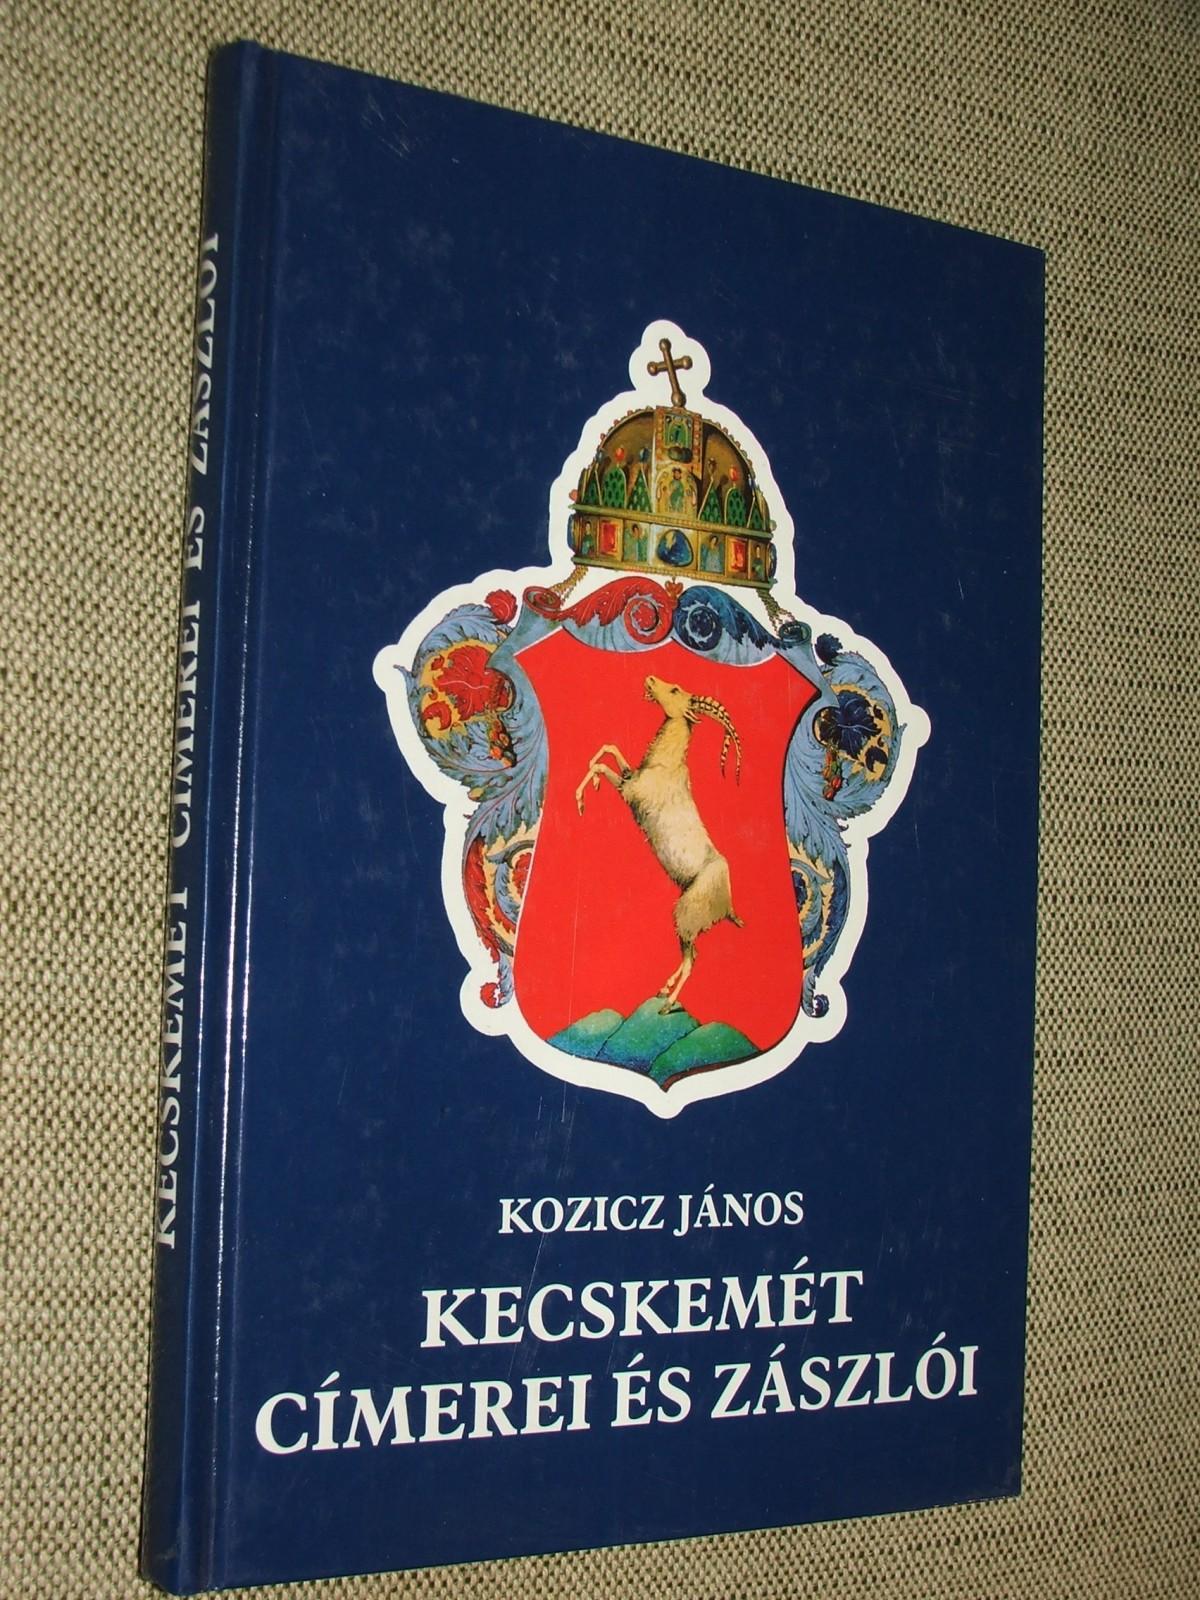 KOZICZ János: Kecskemét címerei és zászlói